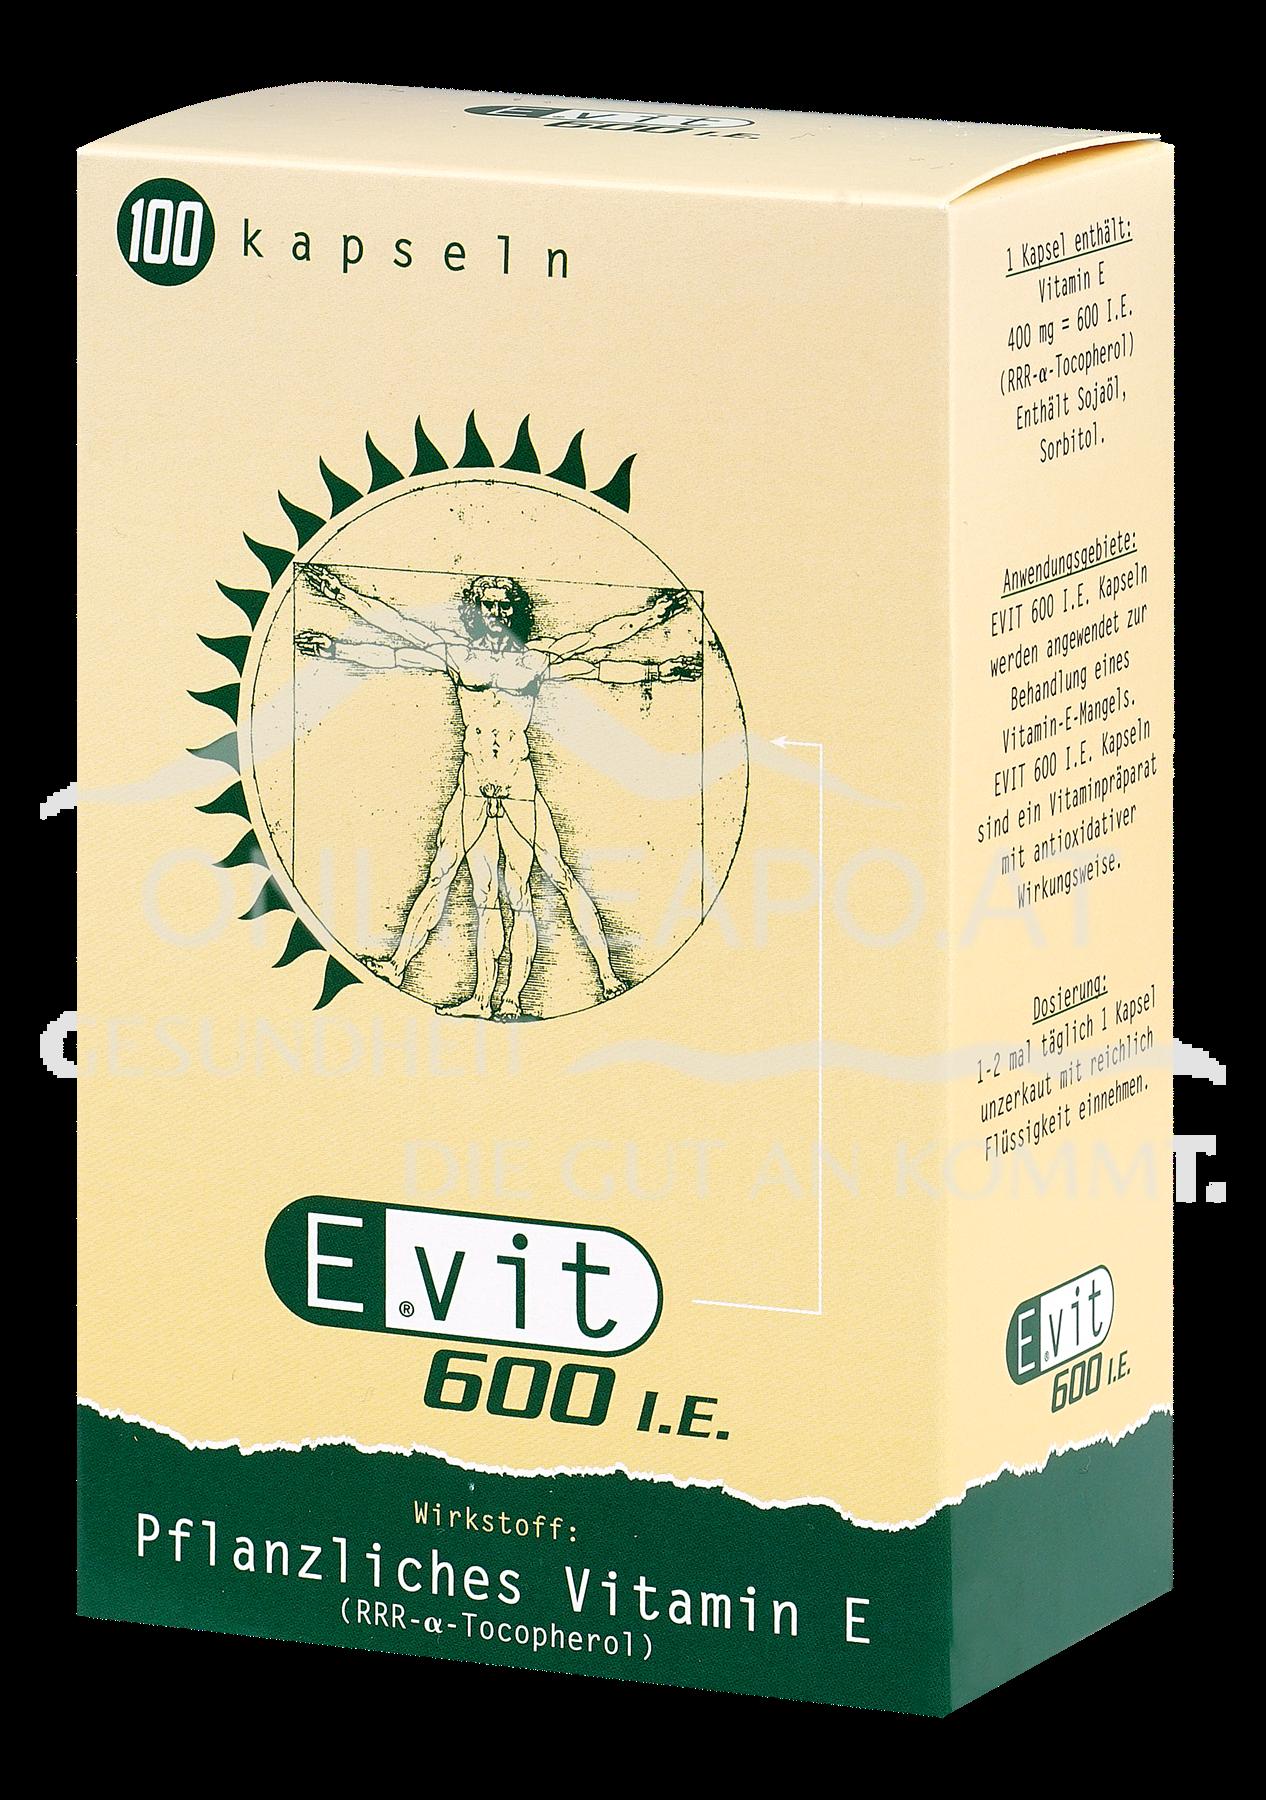 EVIT® 600 I.E. Kapseln